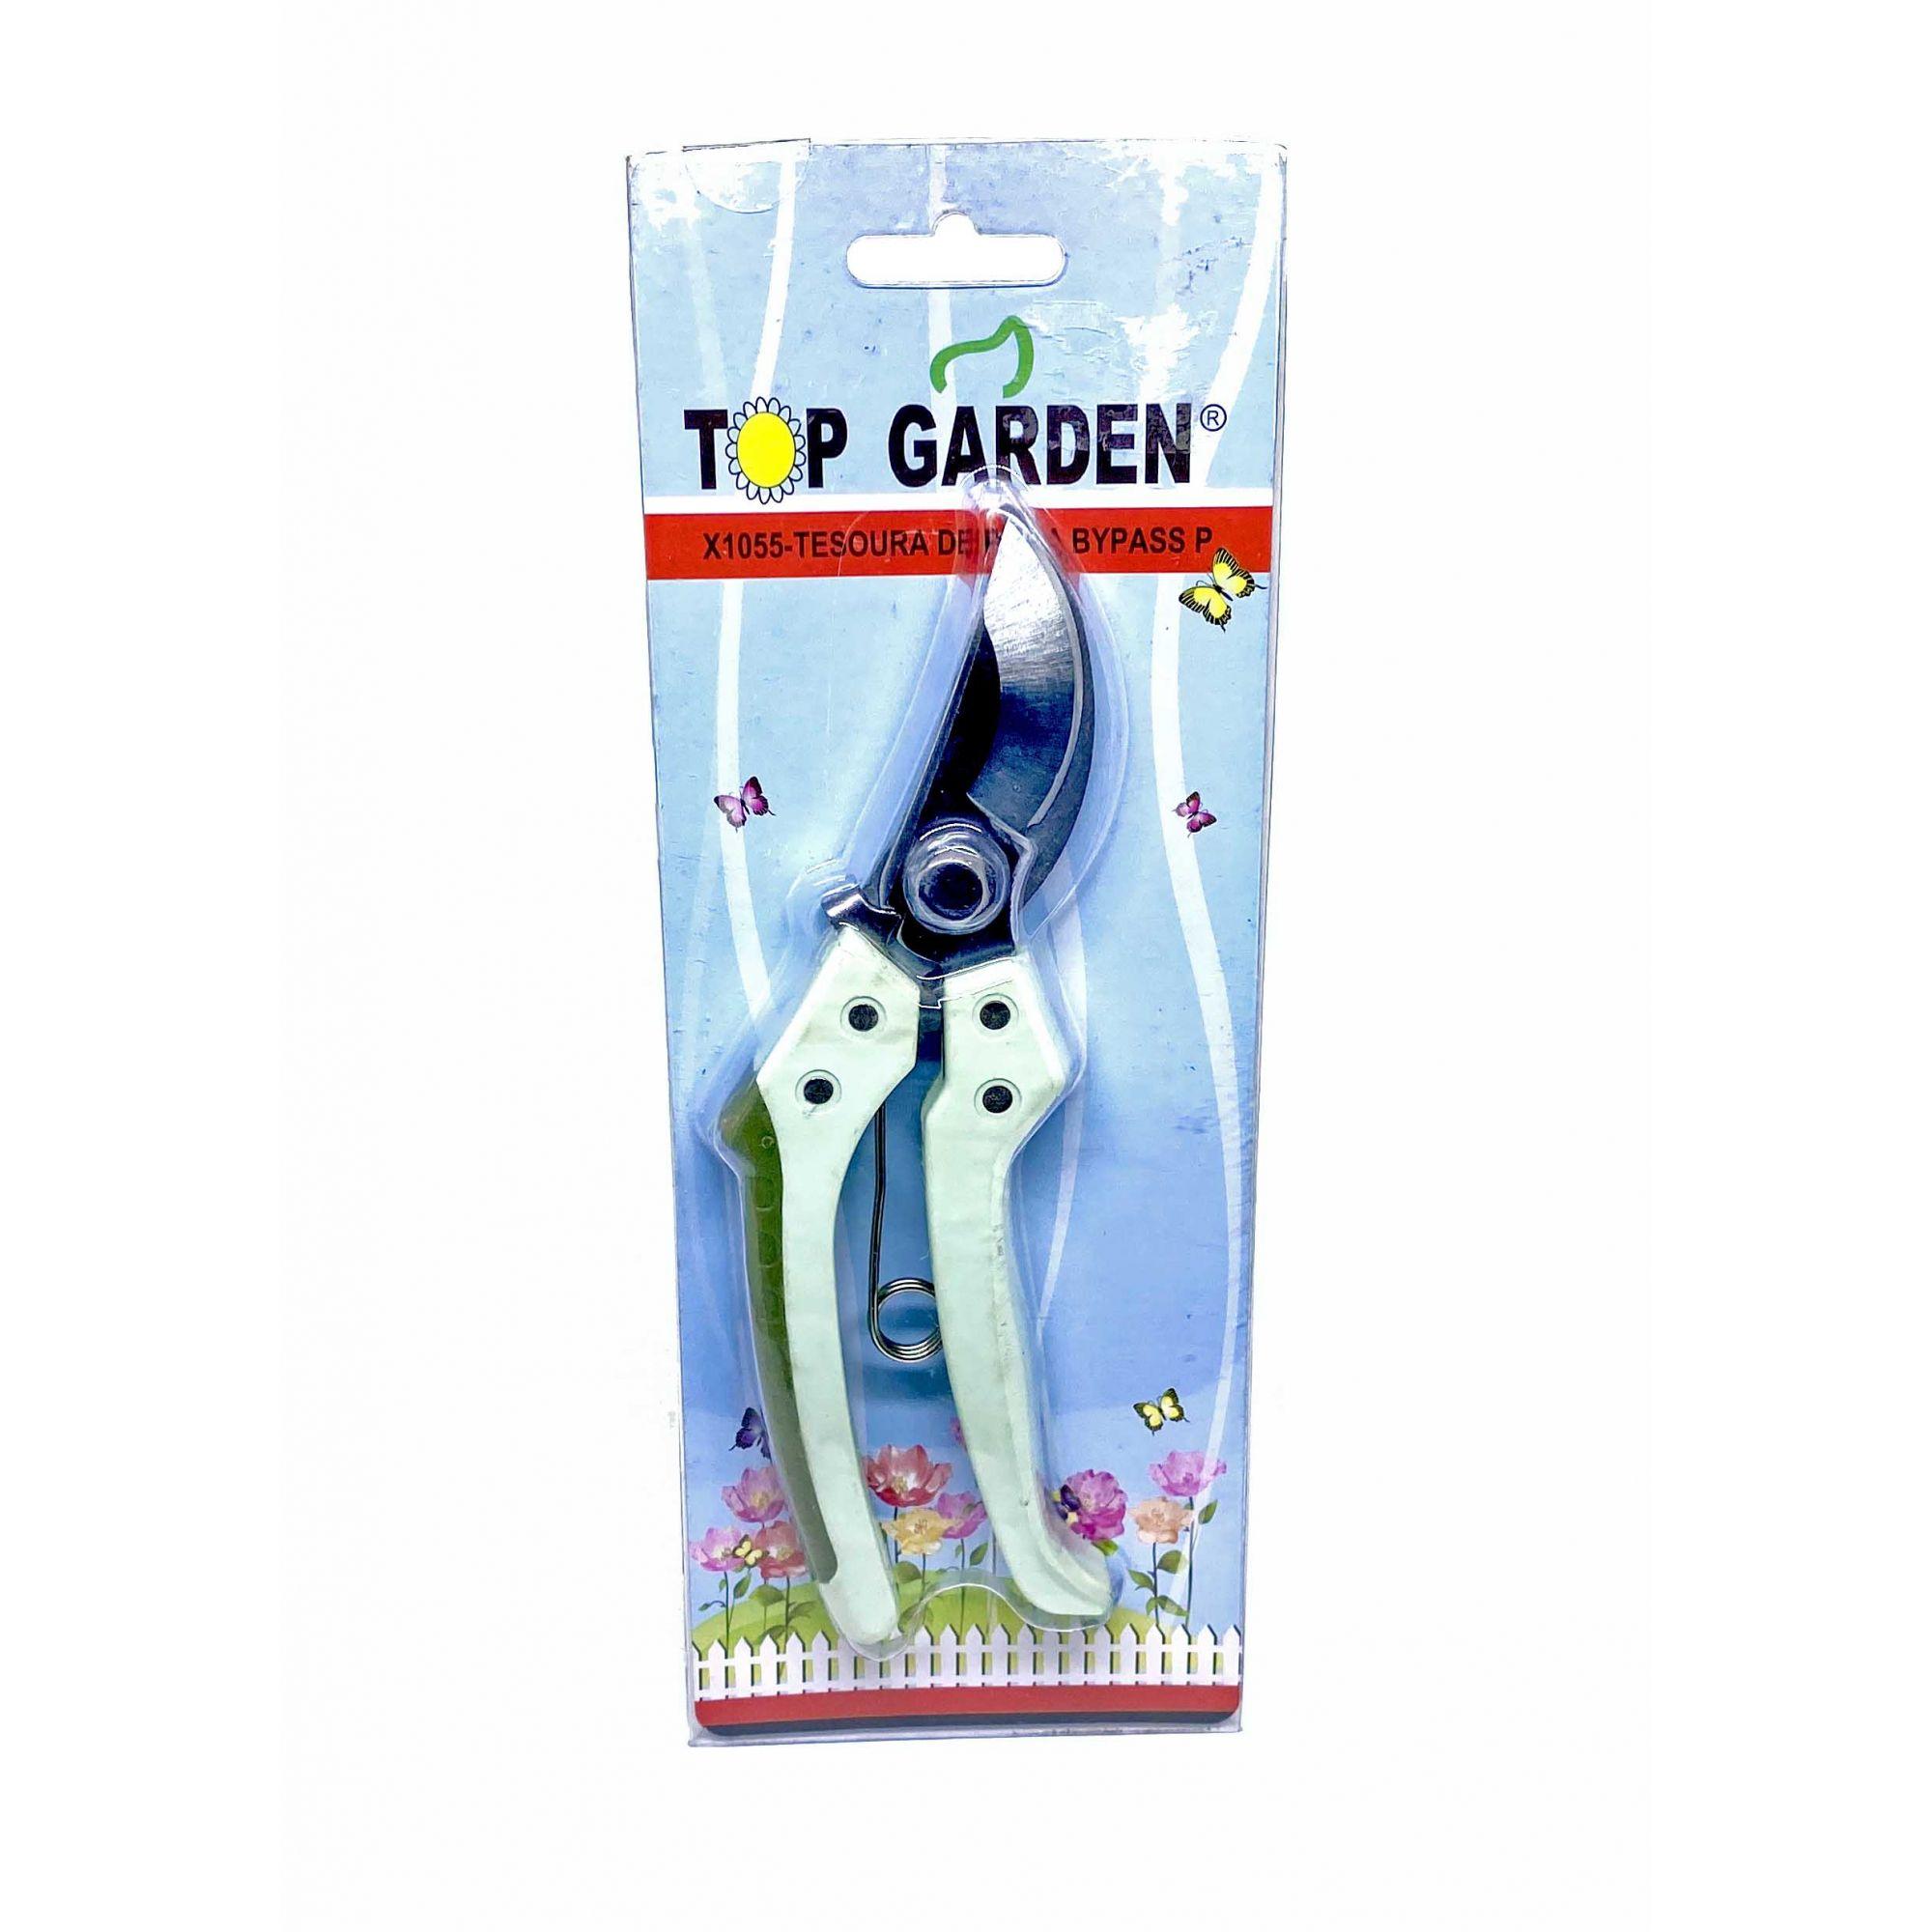 Tesoura de Poda Bypass X1055 Top Garden